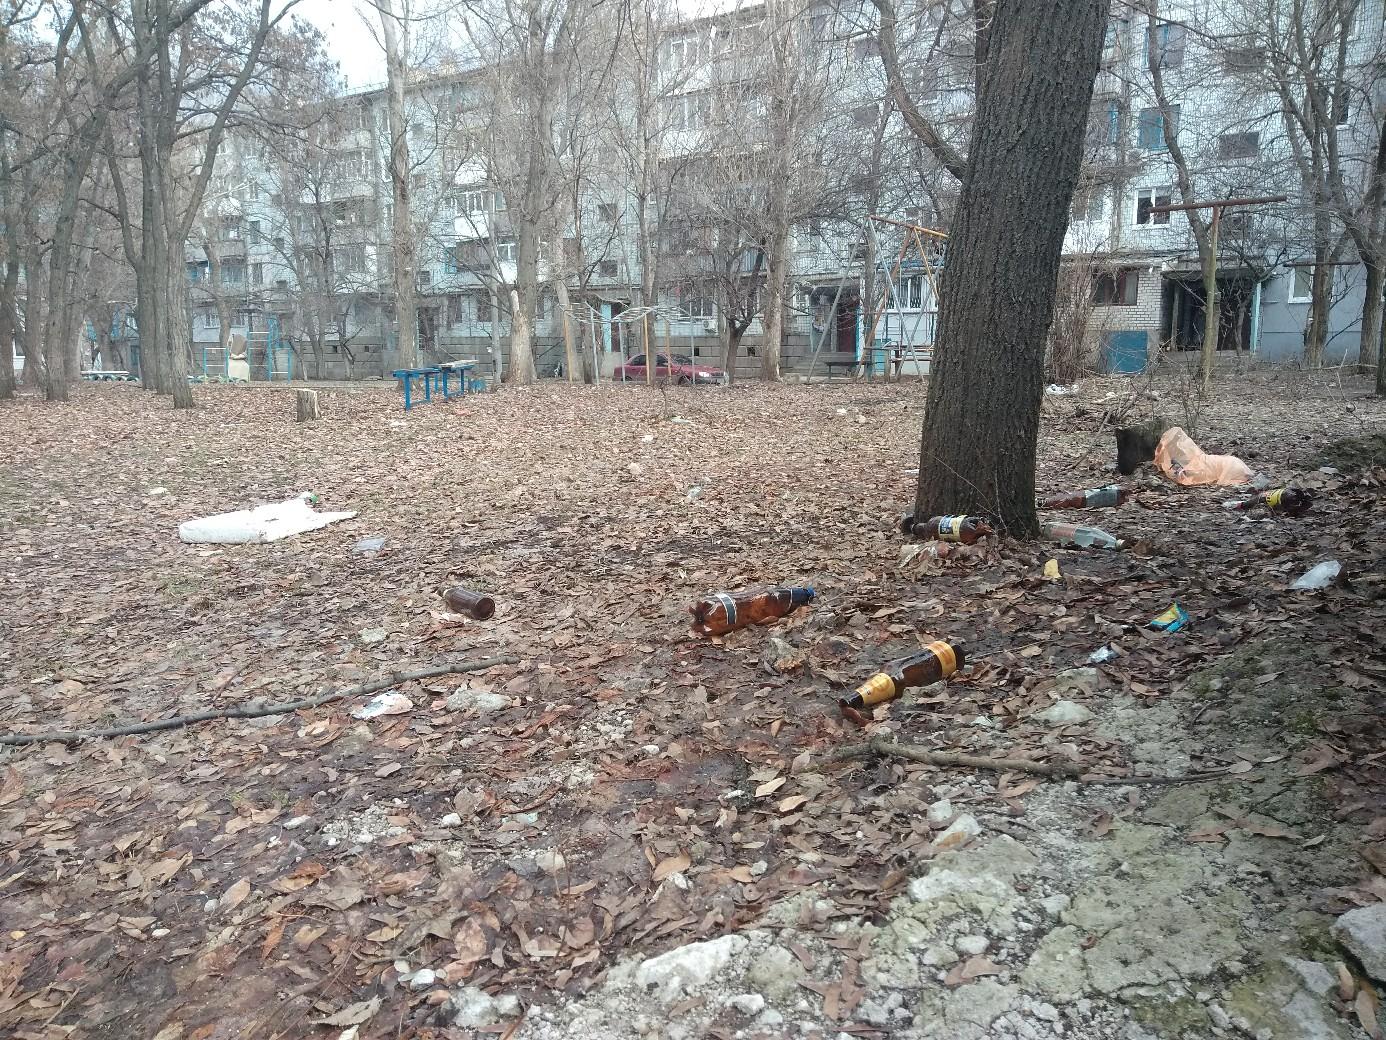 Жители оккупированного Луганска жалуются на не вывезенный мусор и свалки